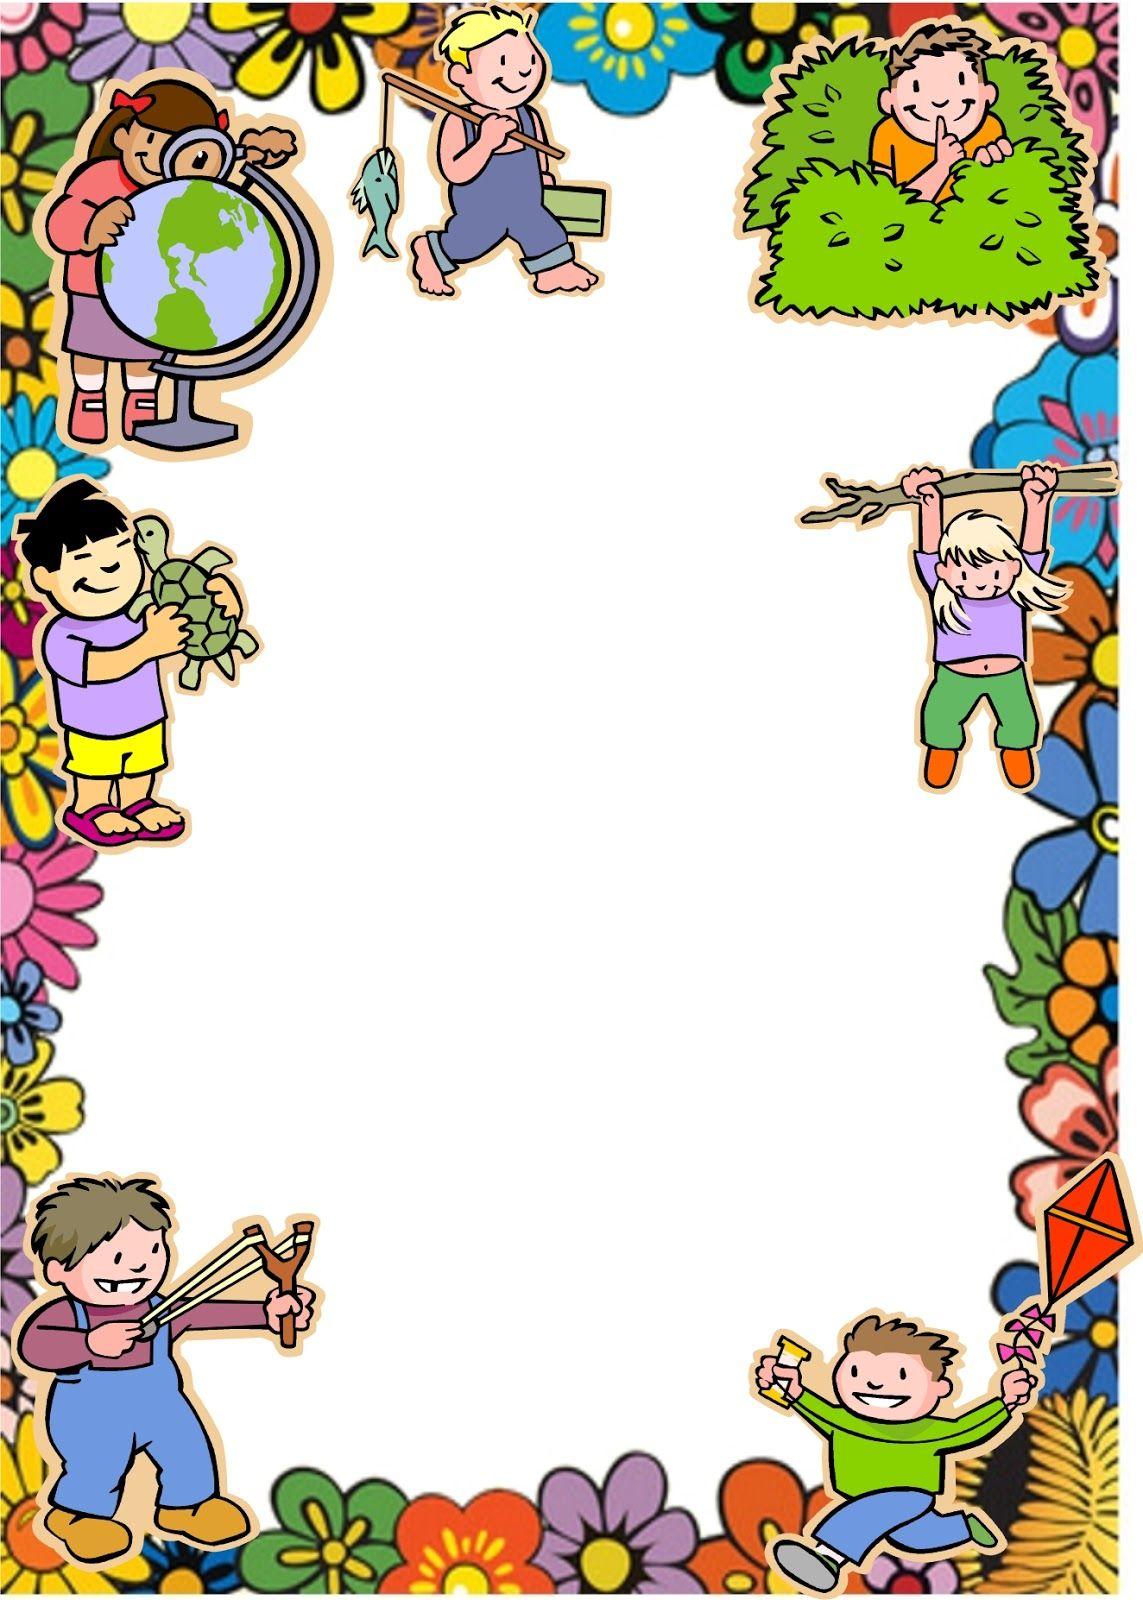 Caratulas Escolares Del Chavo Animado Lindas Infantiles Pictures ...